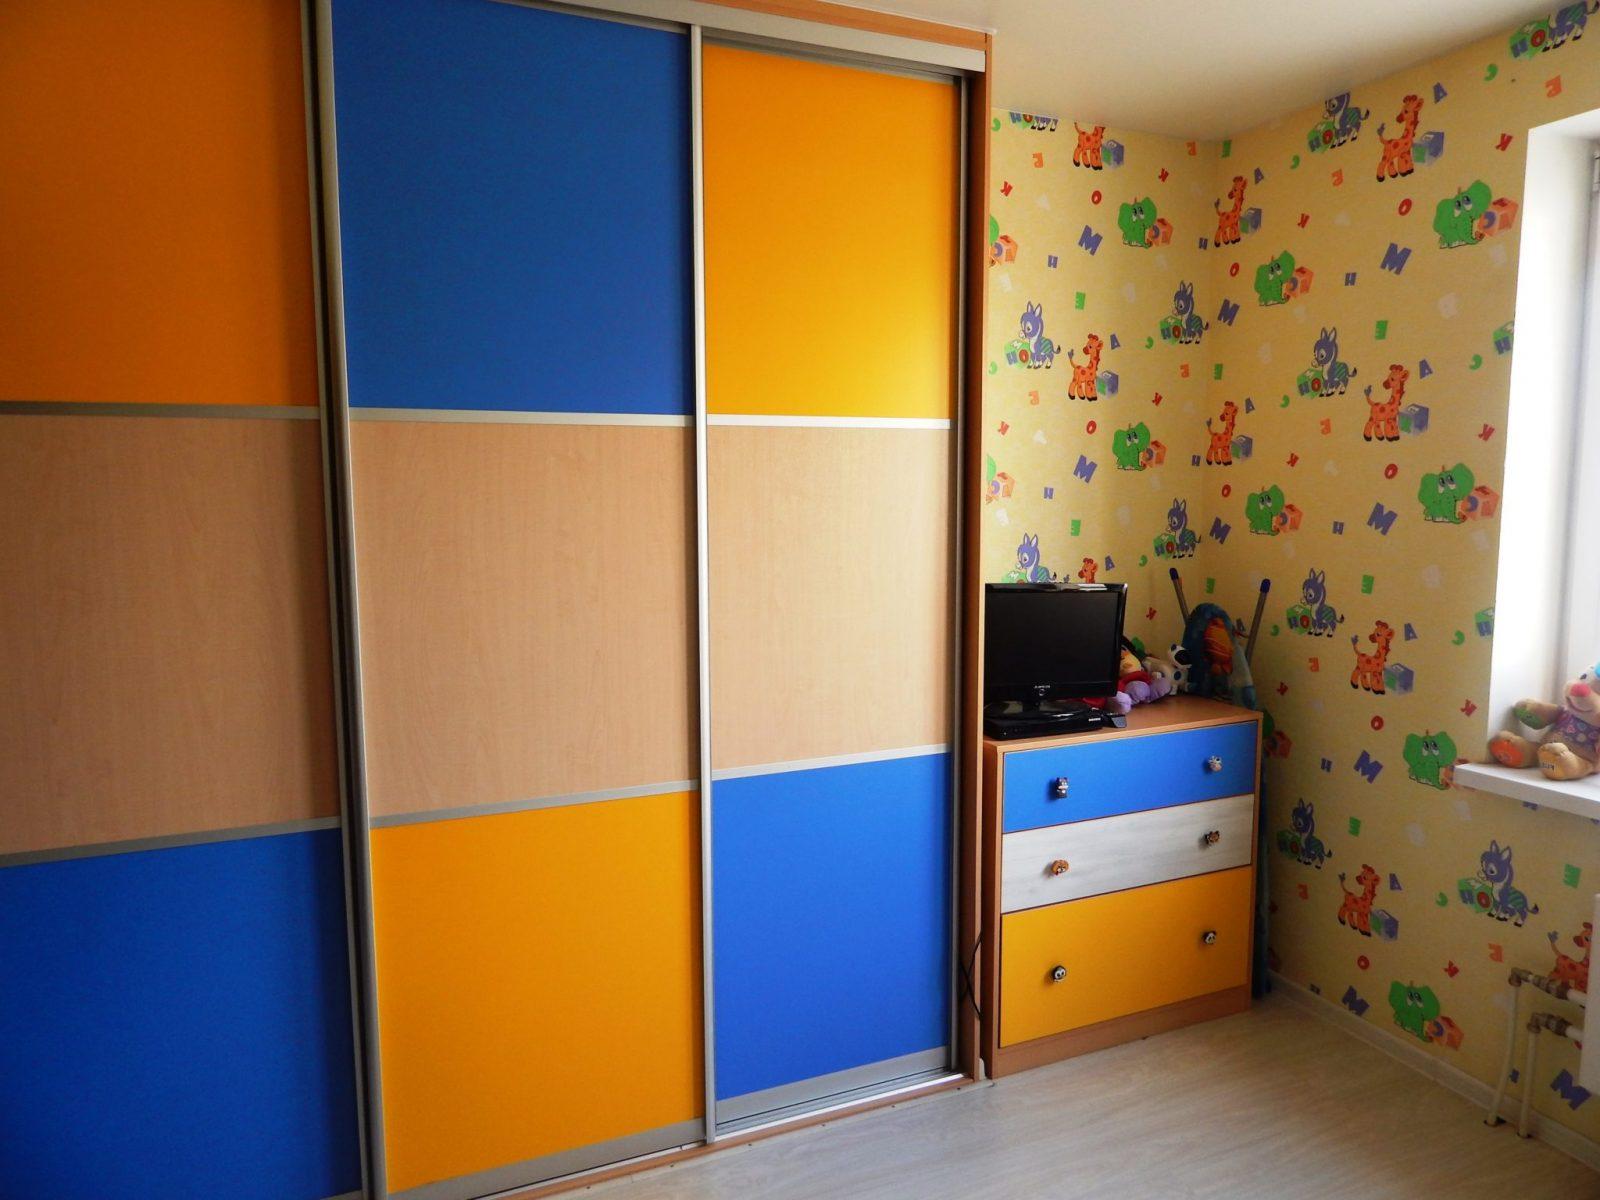 41 2 - Правильная расстановка мебели в детской комнате